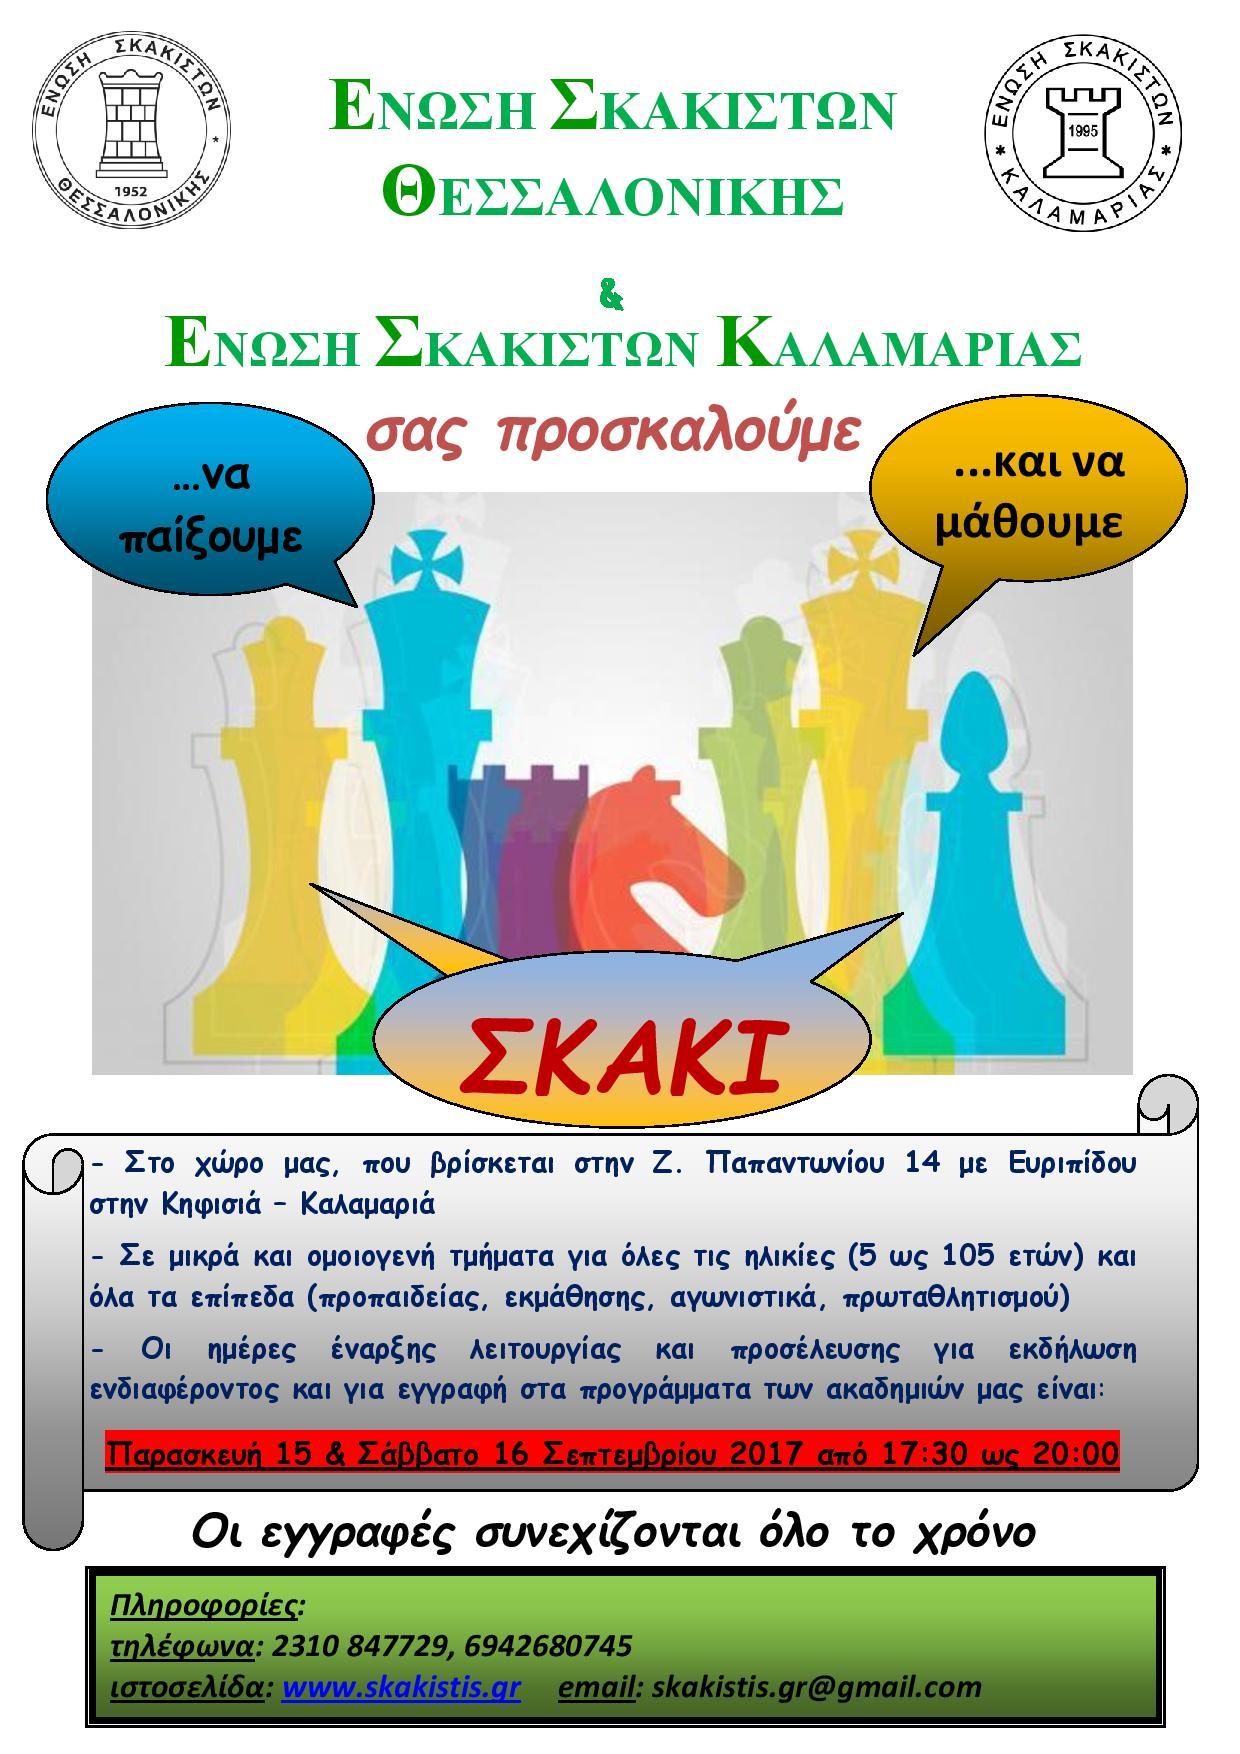 Αφίσα έναρξης Ακαδημιών ΕΣΘ ΕΣΚ